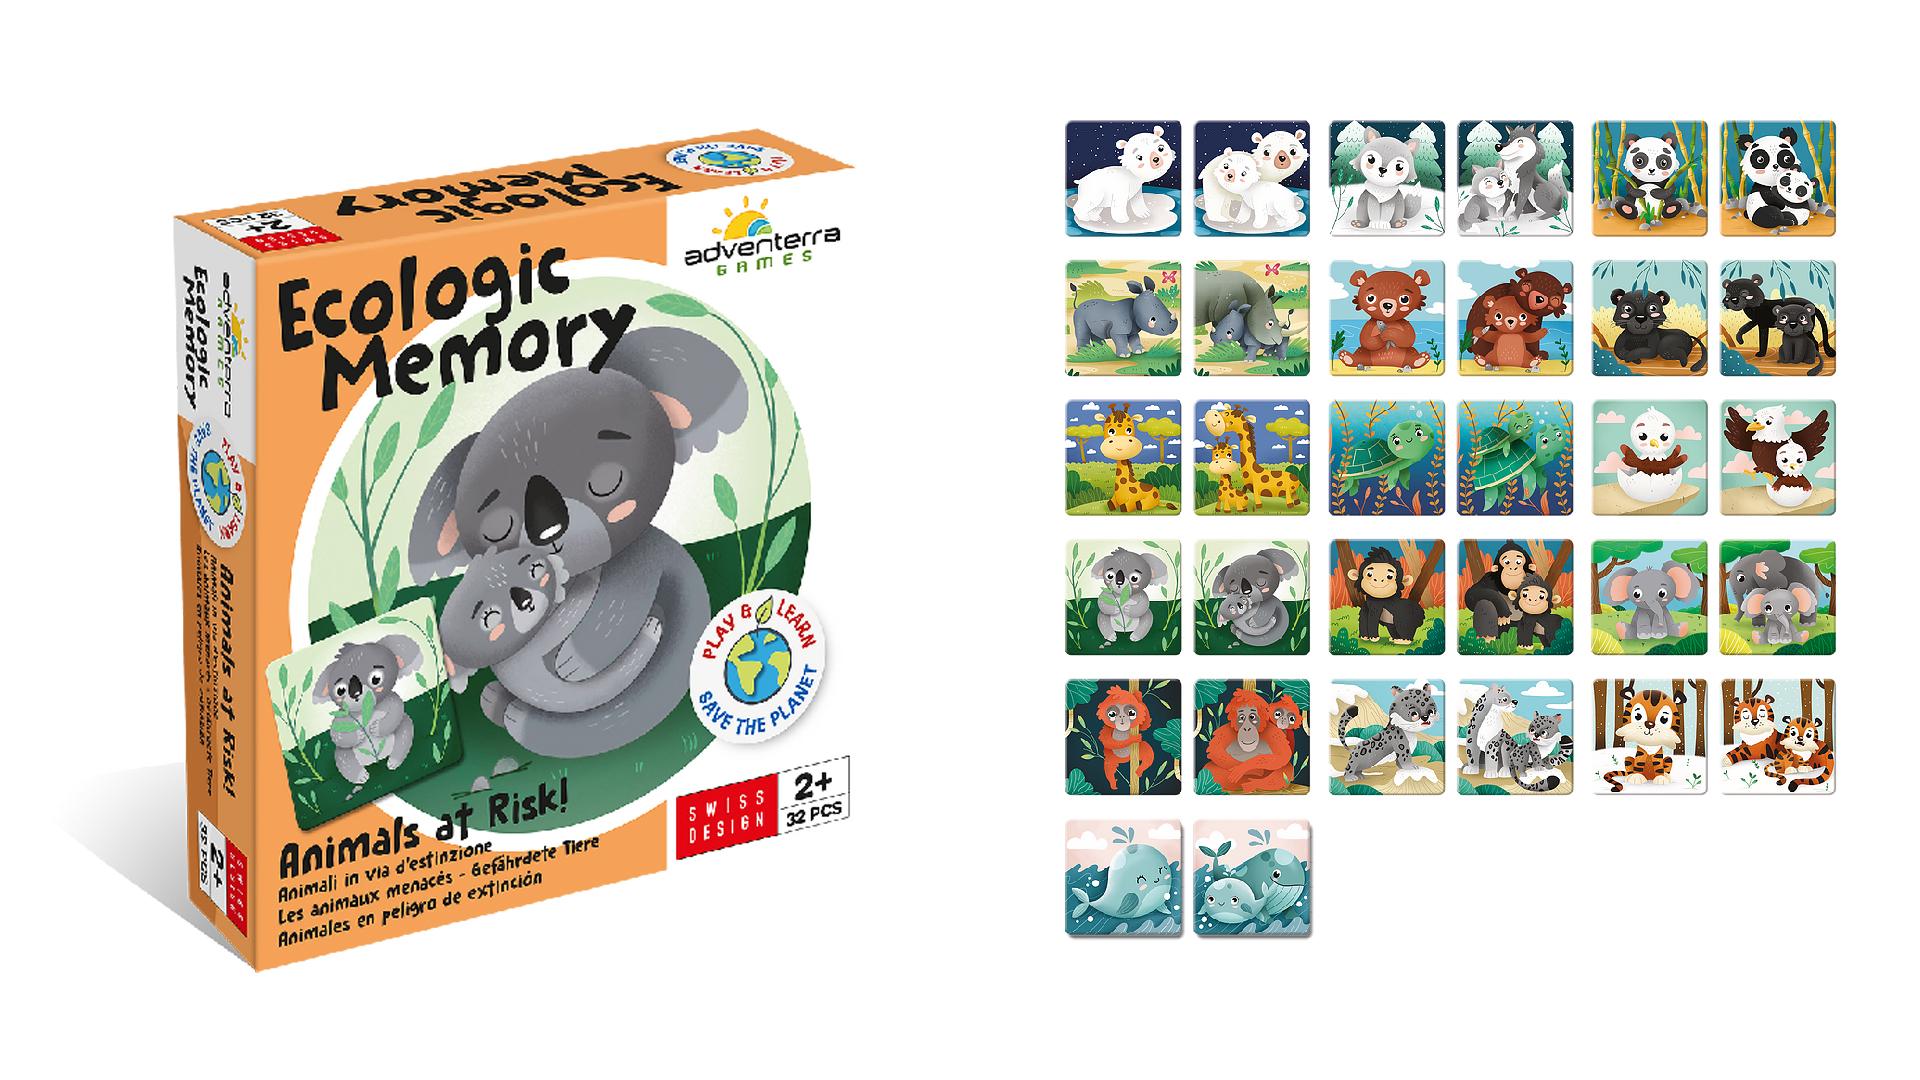 Ecologic_memory2